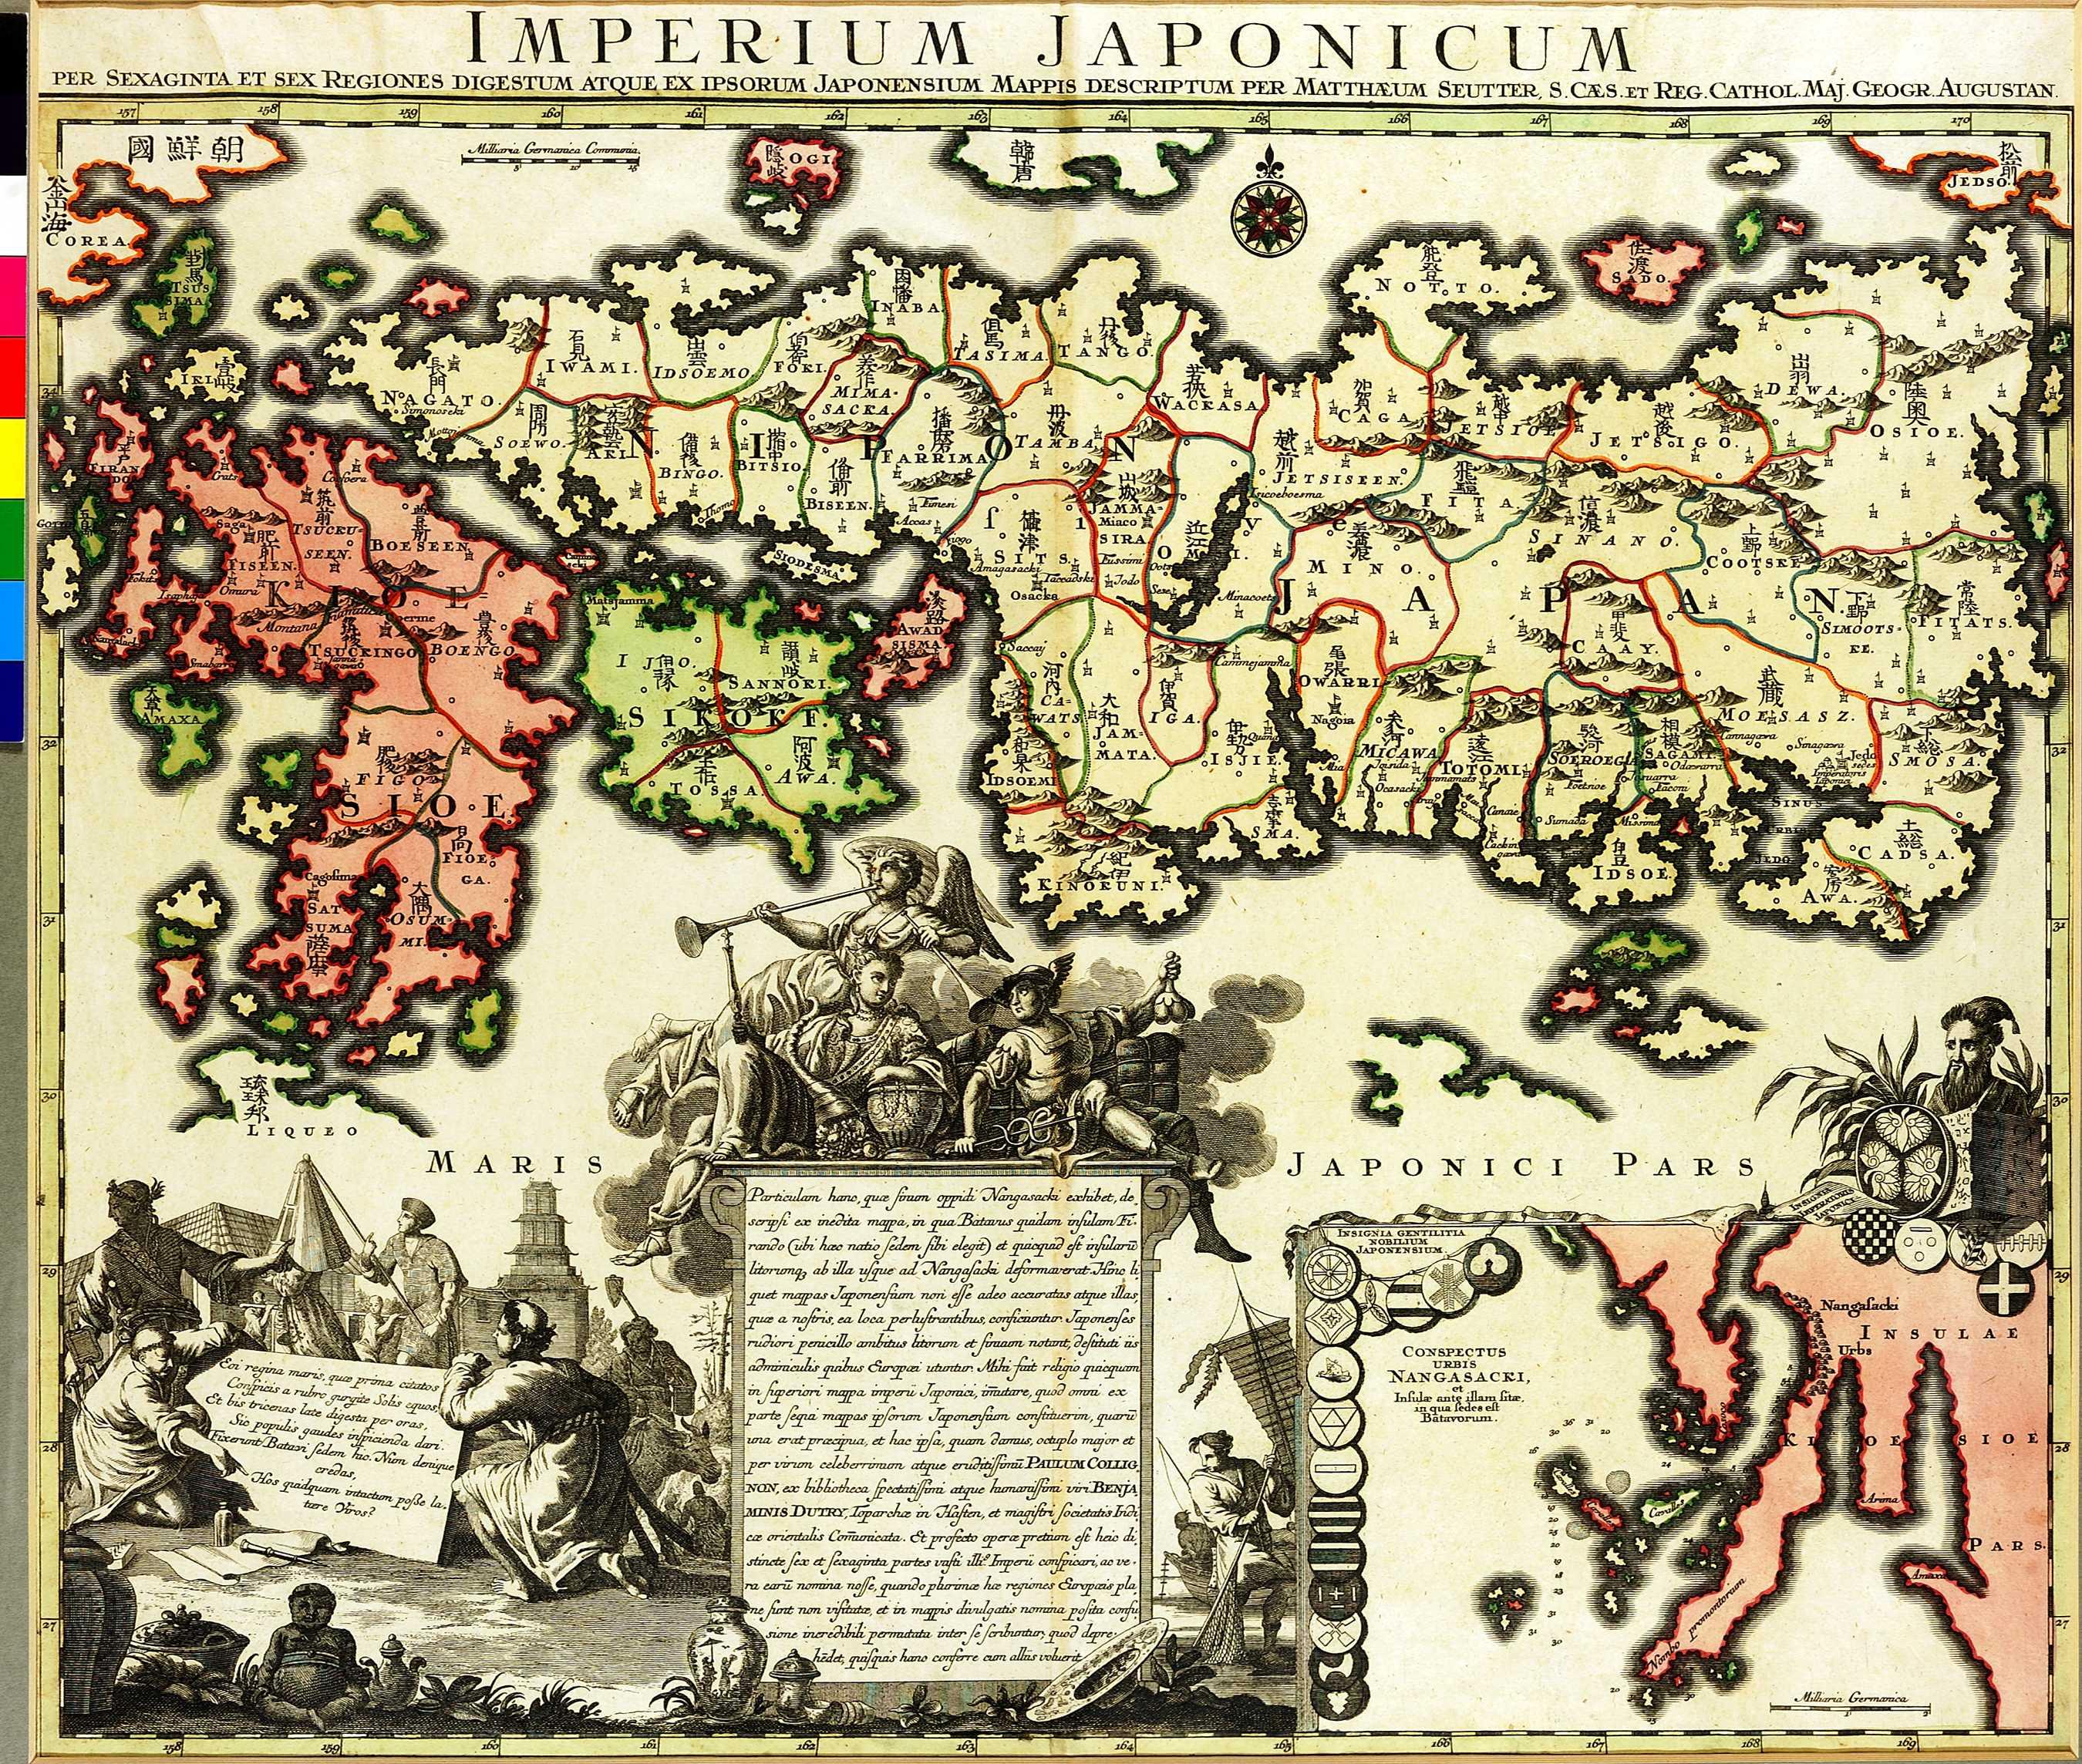 05.06 IMPERIUM JAPONICUM (Empire of Japan) [16]